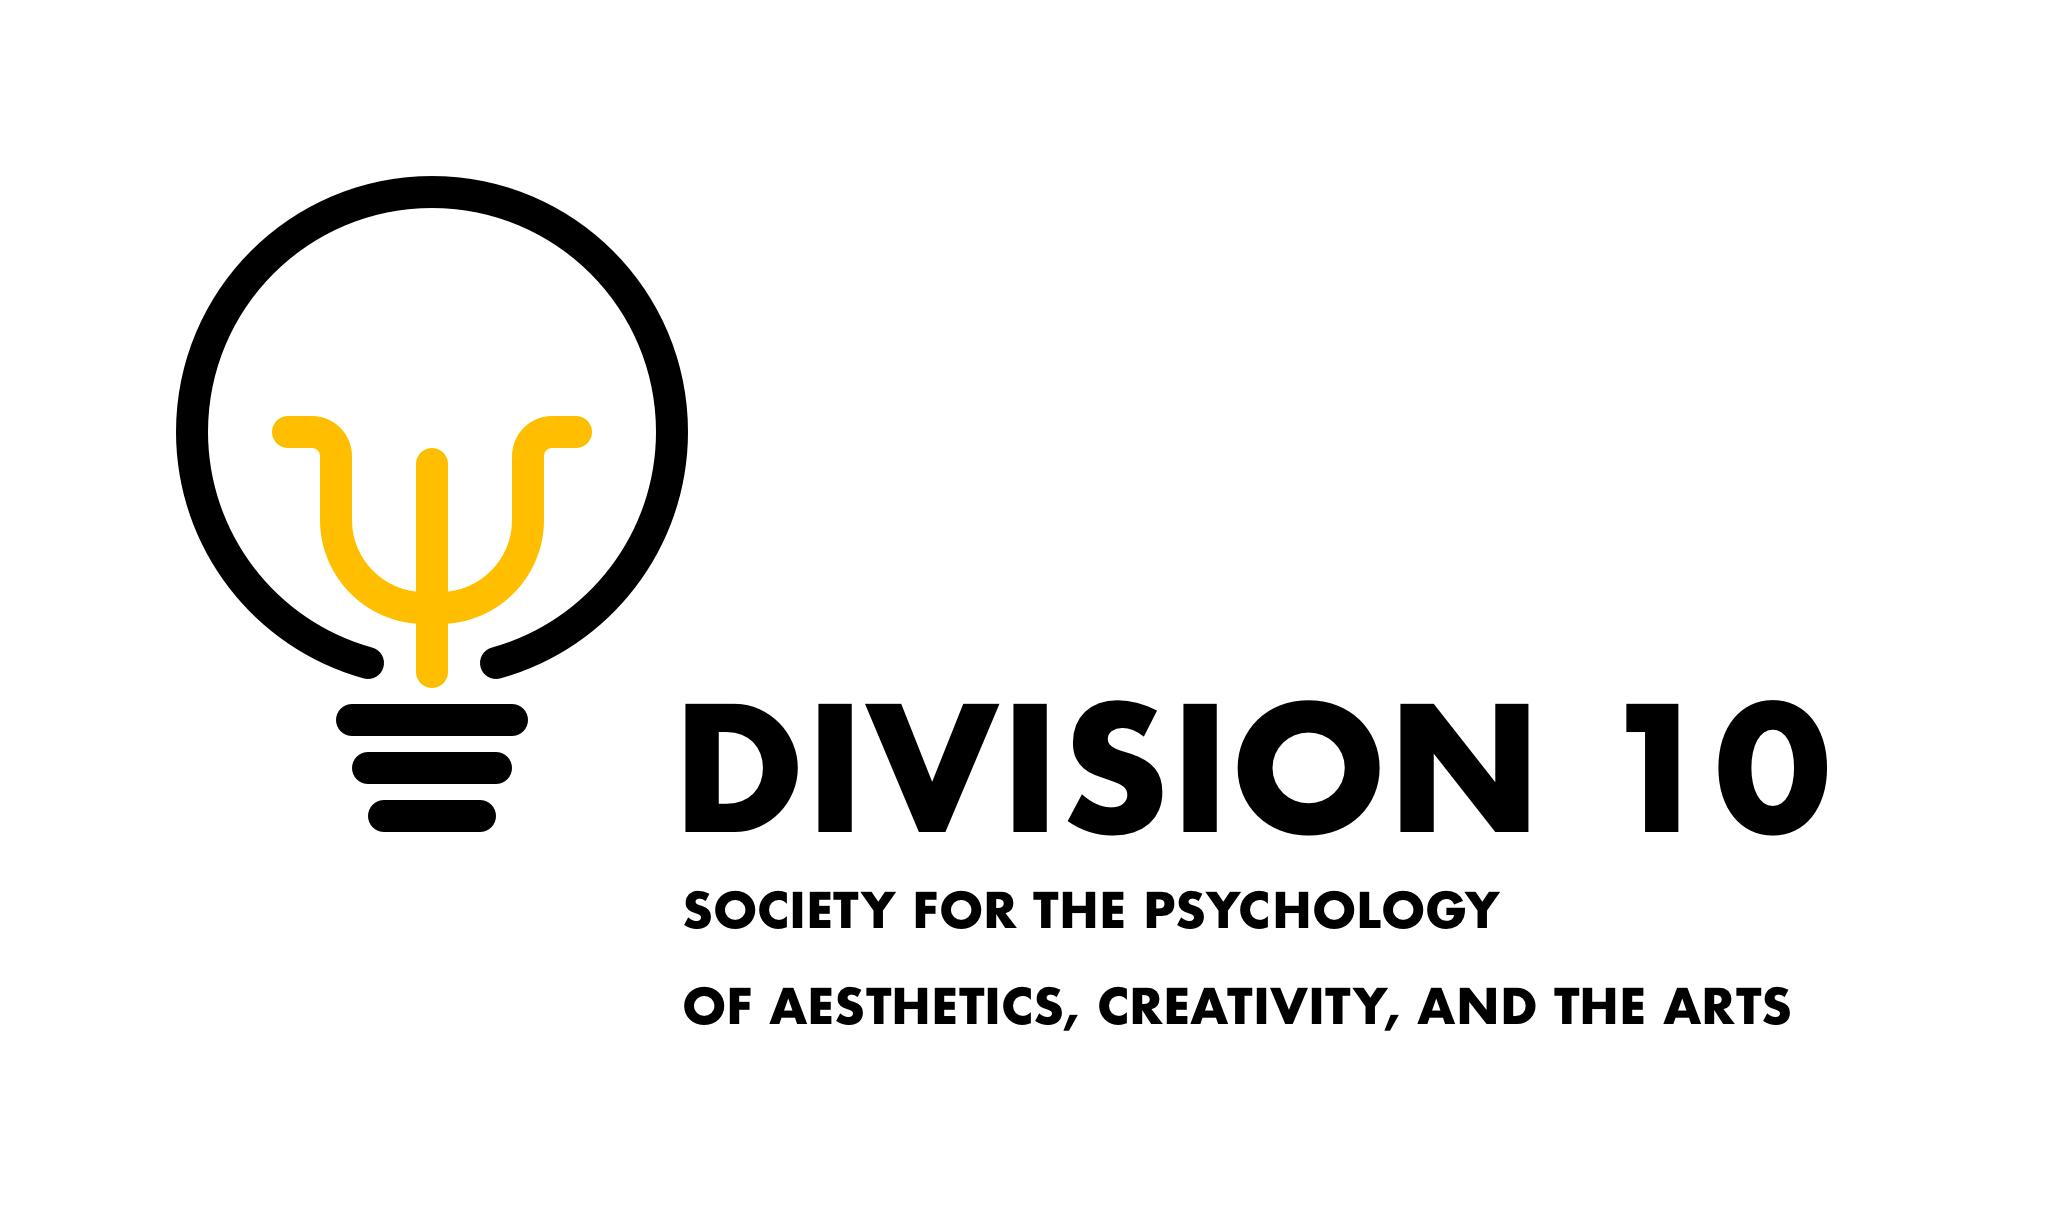 DIV10_LogoFullName-A